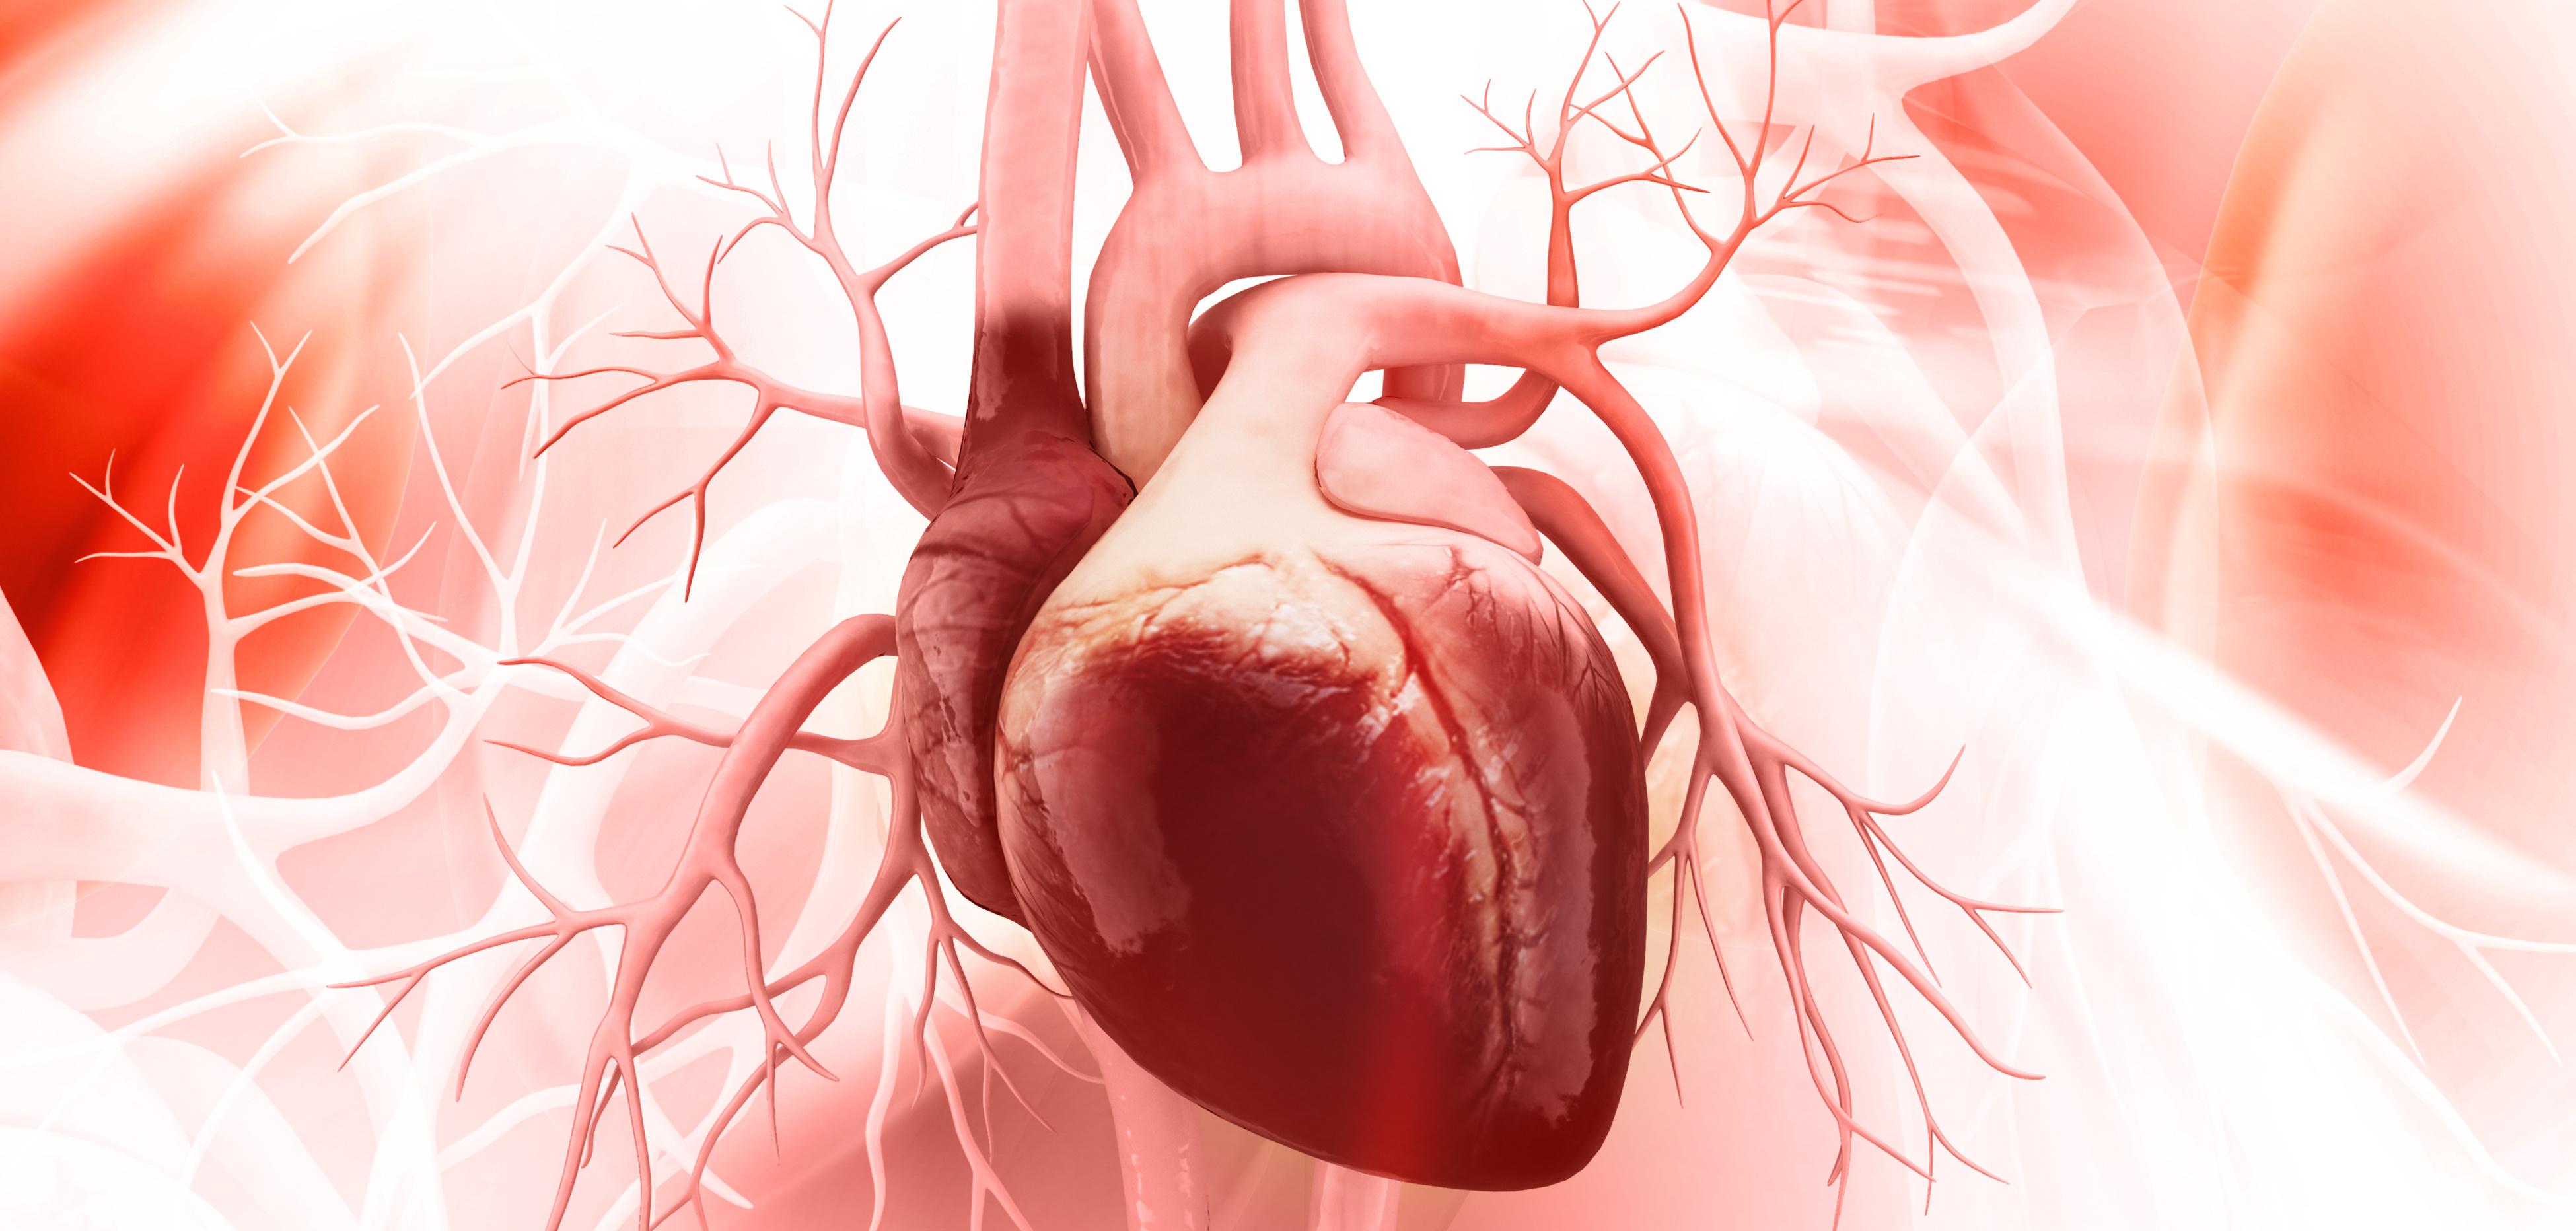 Proteina identificada que ayudará a prevenir la insuficiencia cardiaca...